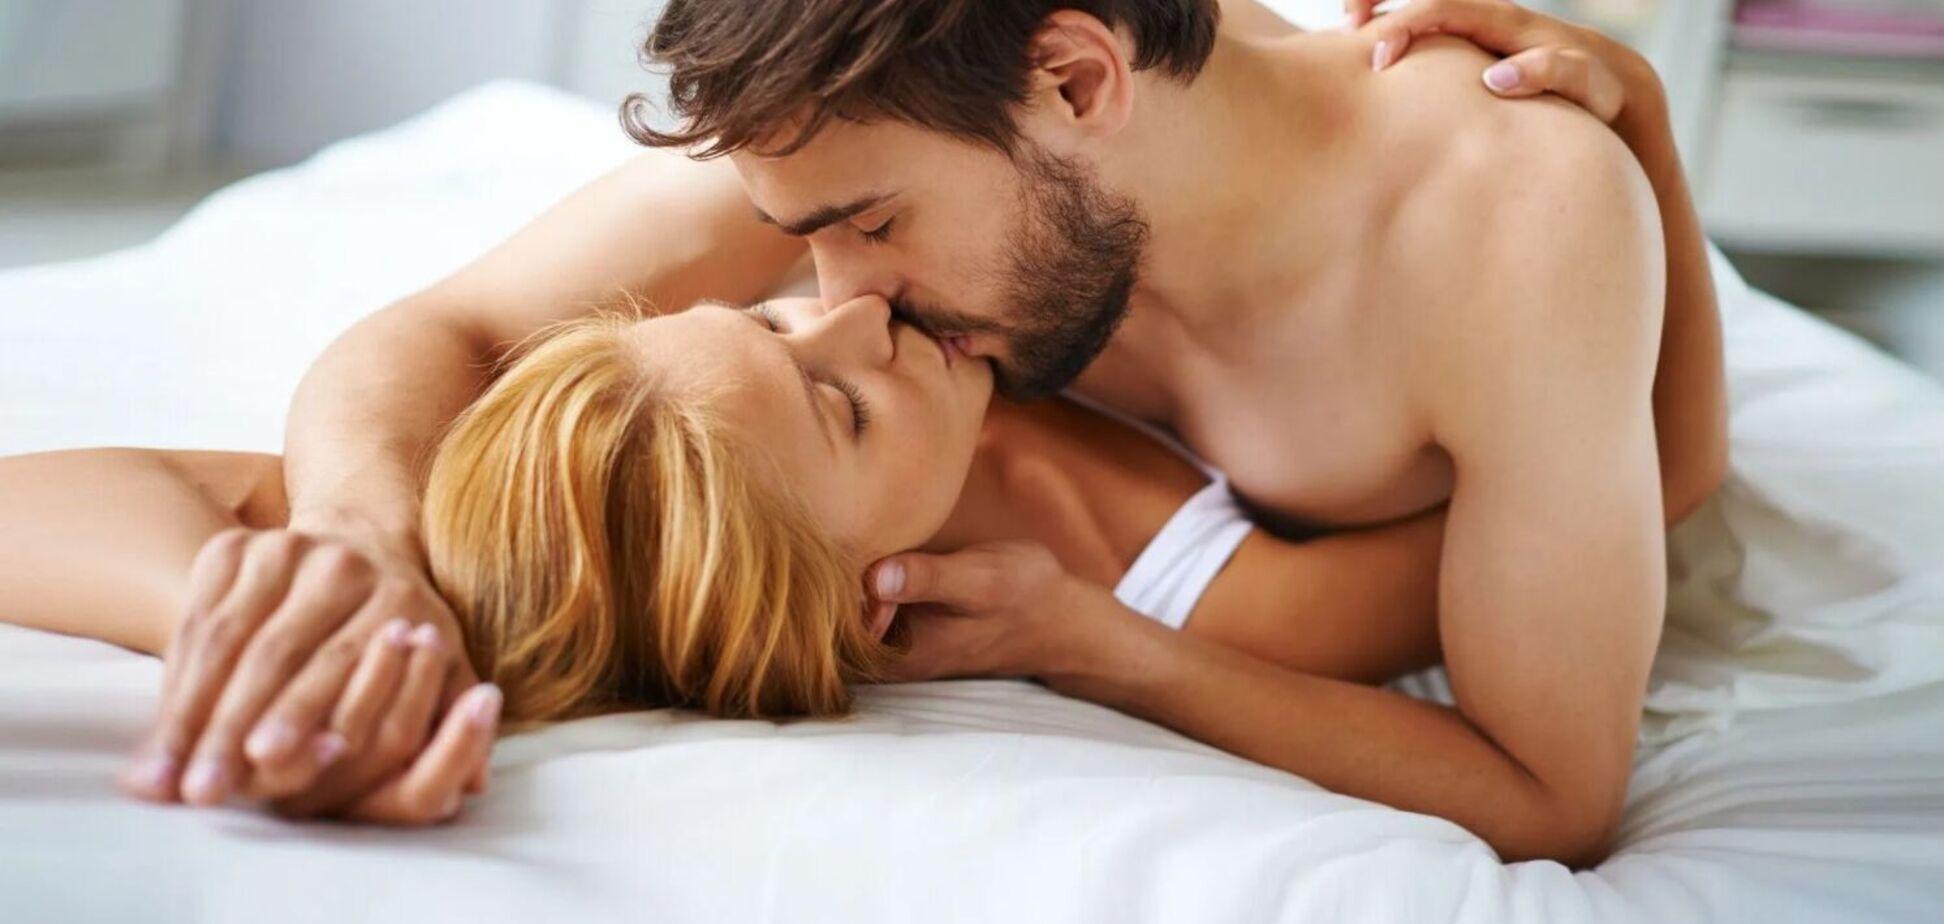 Ученые провели исследование о социосексуальности